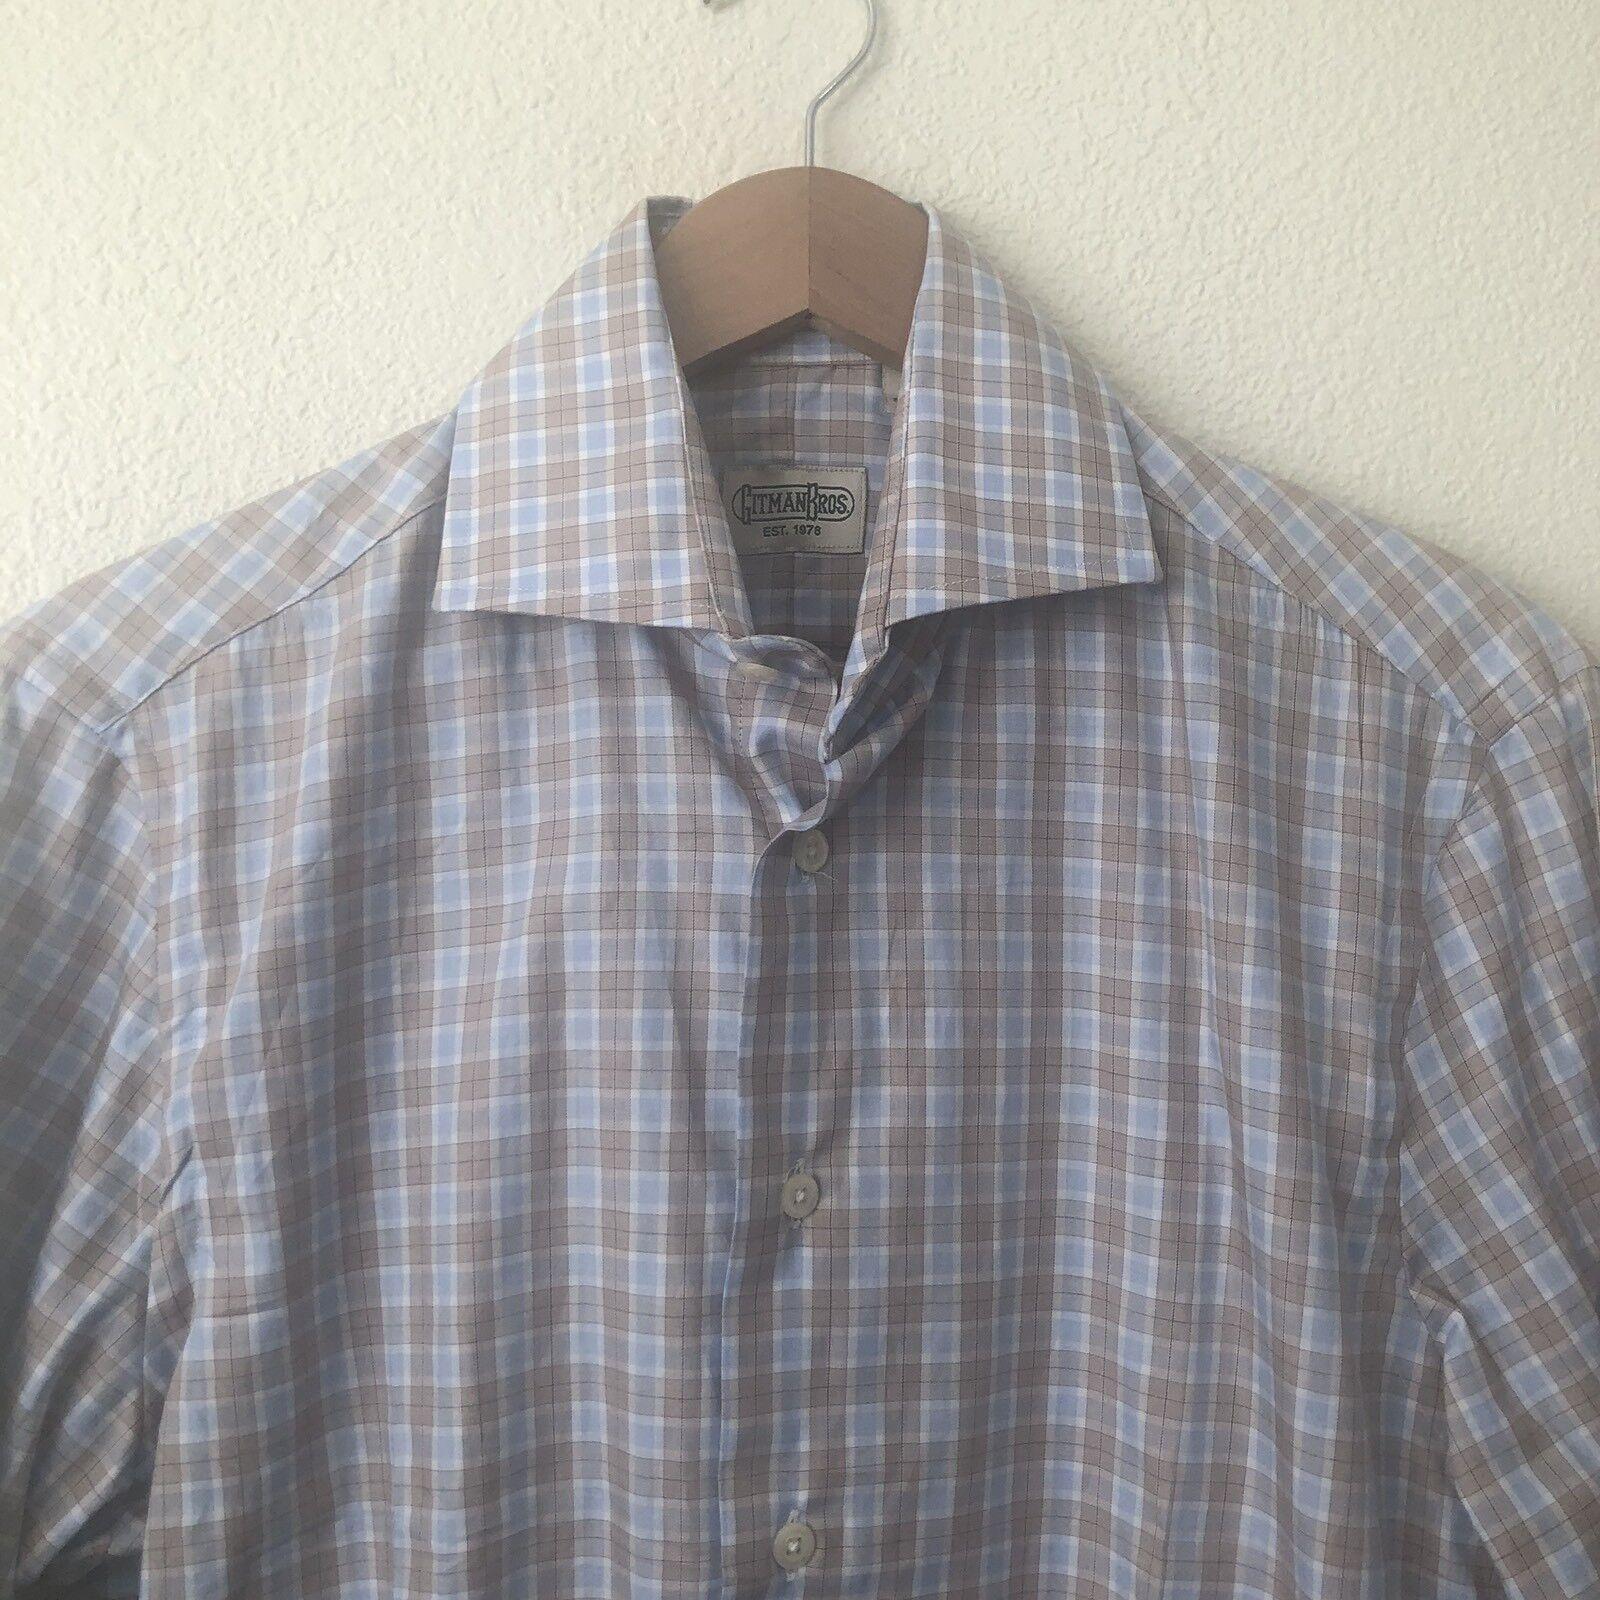 Gitman Bros bluee Brown Sport Button Down Long Sleeve Shirt Size S